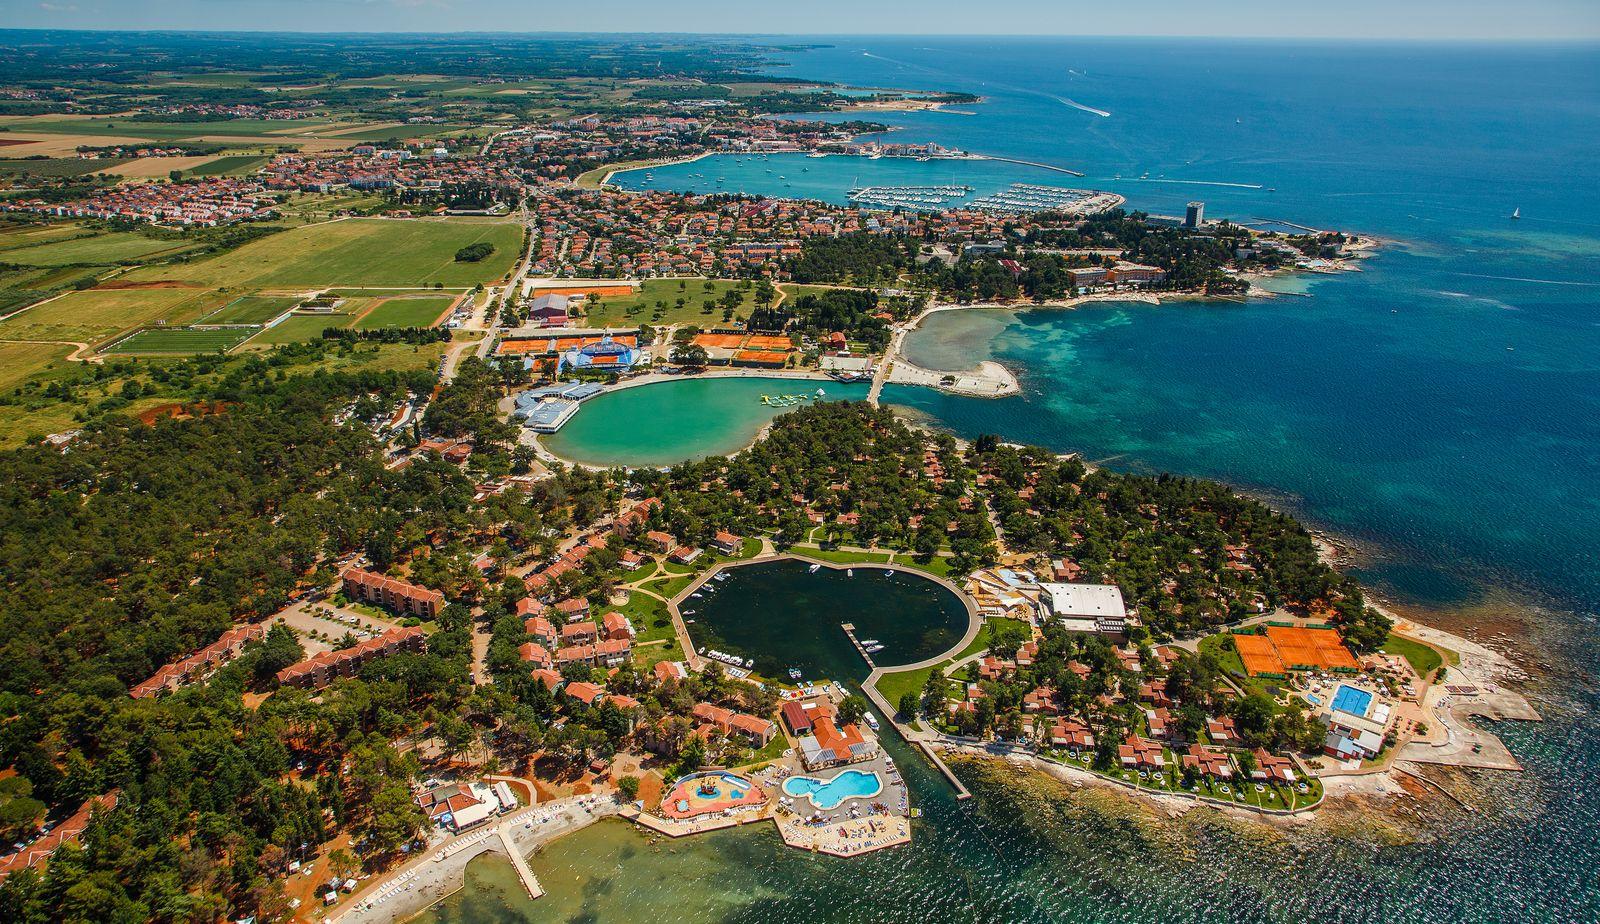 Record Sales for EXIT's Sea Star Festival in Croatia